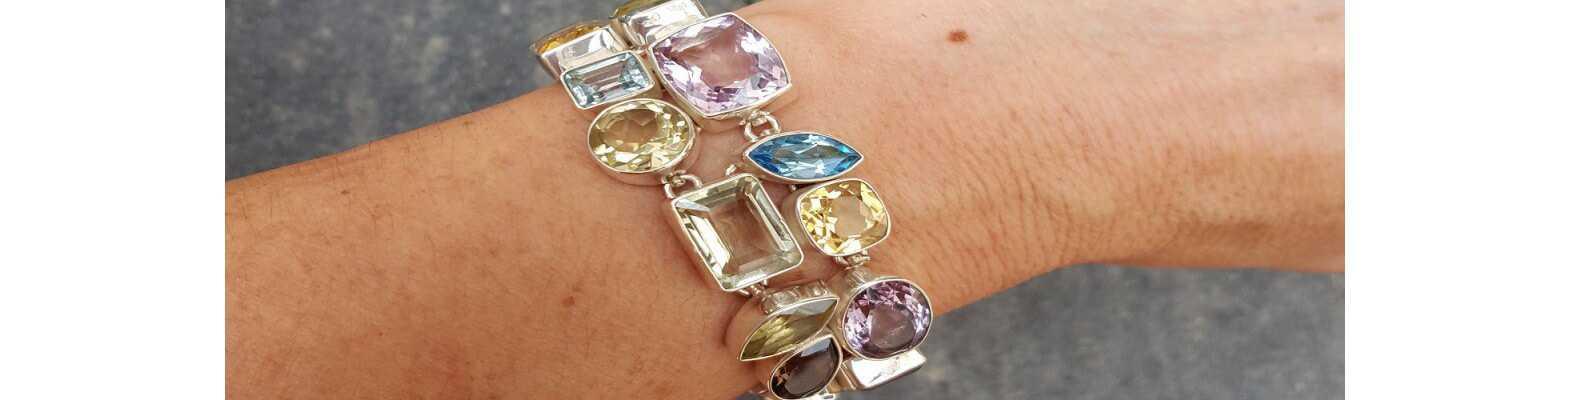 Silberne Edelstein-Armbänder